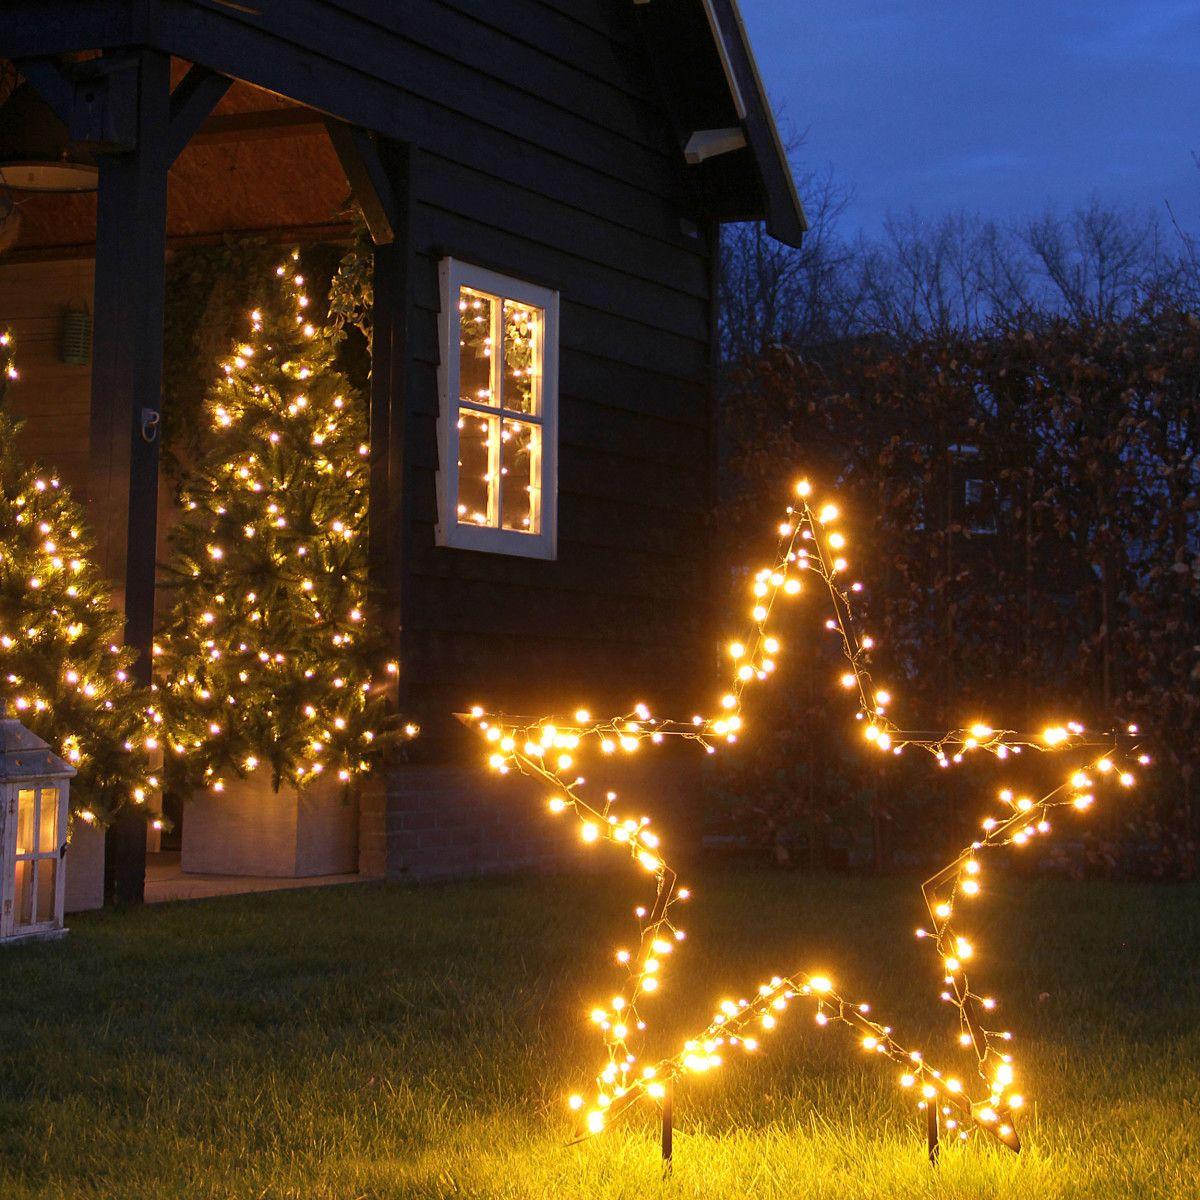 Weihnachtsbeleuchtung Zum Stecken.Pin By Ladendirekt On Weihnachten Home Decor Lighting Christmas